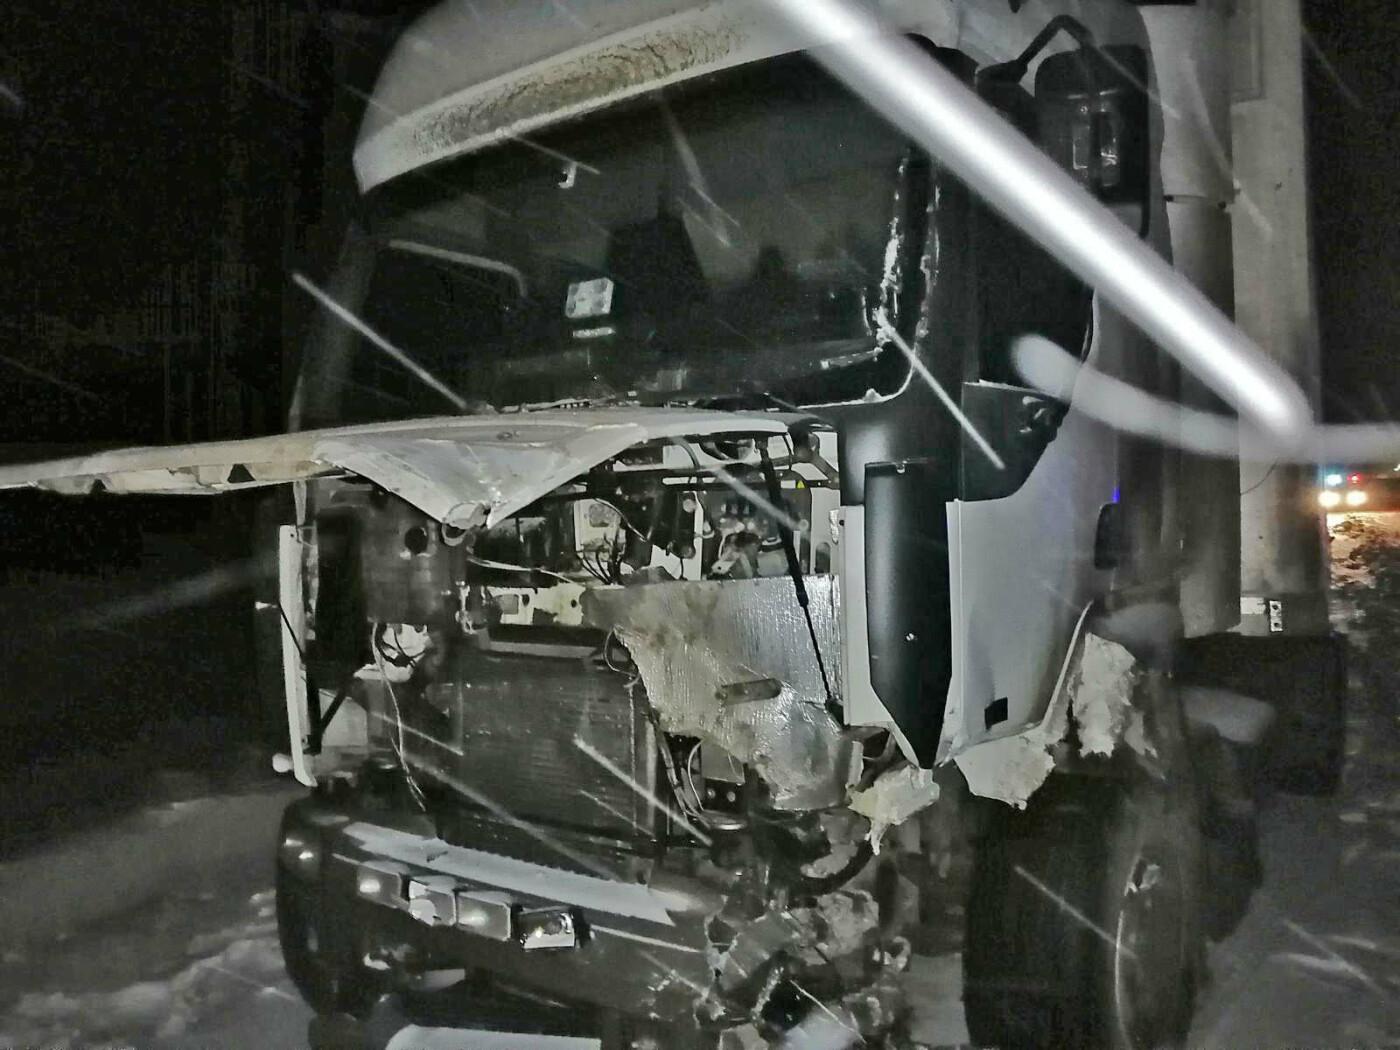 Снегопад в Тамбовском районе стал причиной двух ДТП с пострадавшими на одном участке трассы Р-22, фото-1